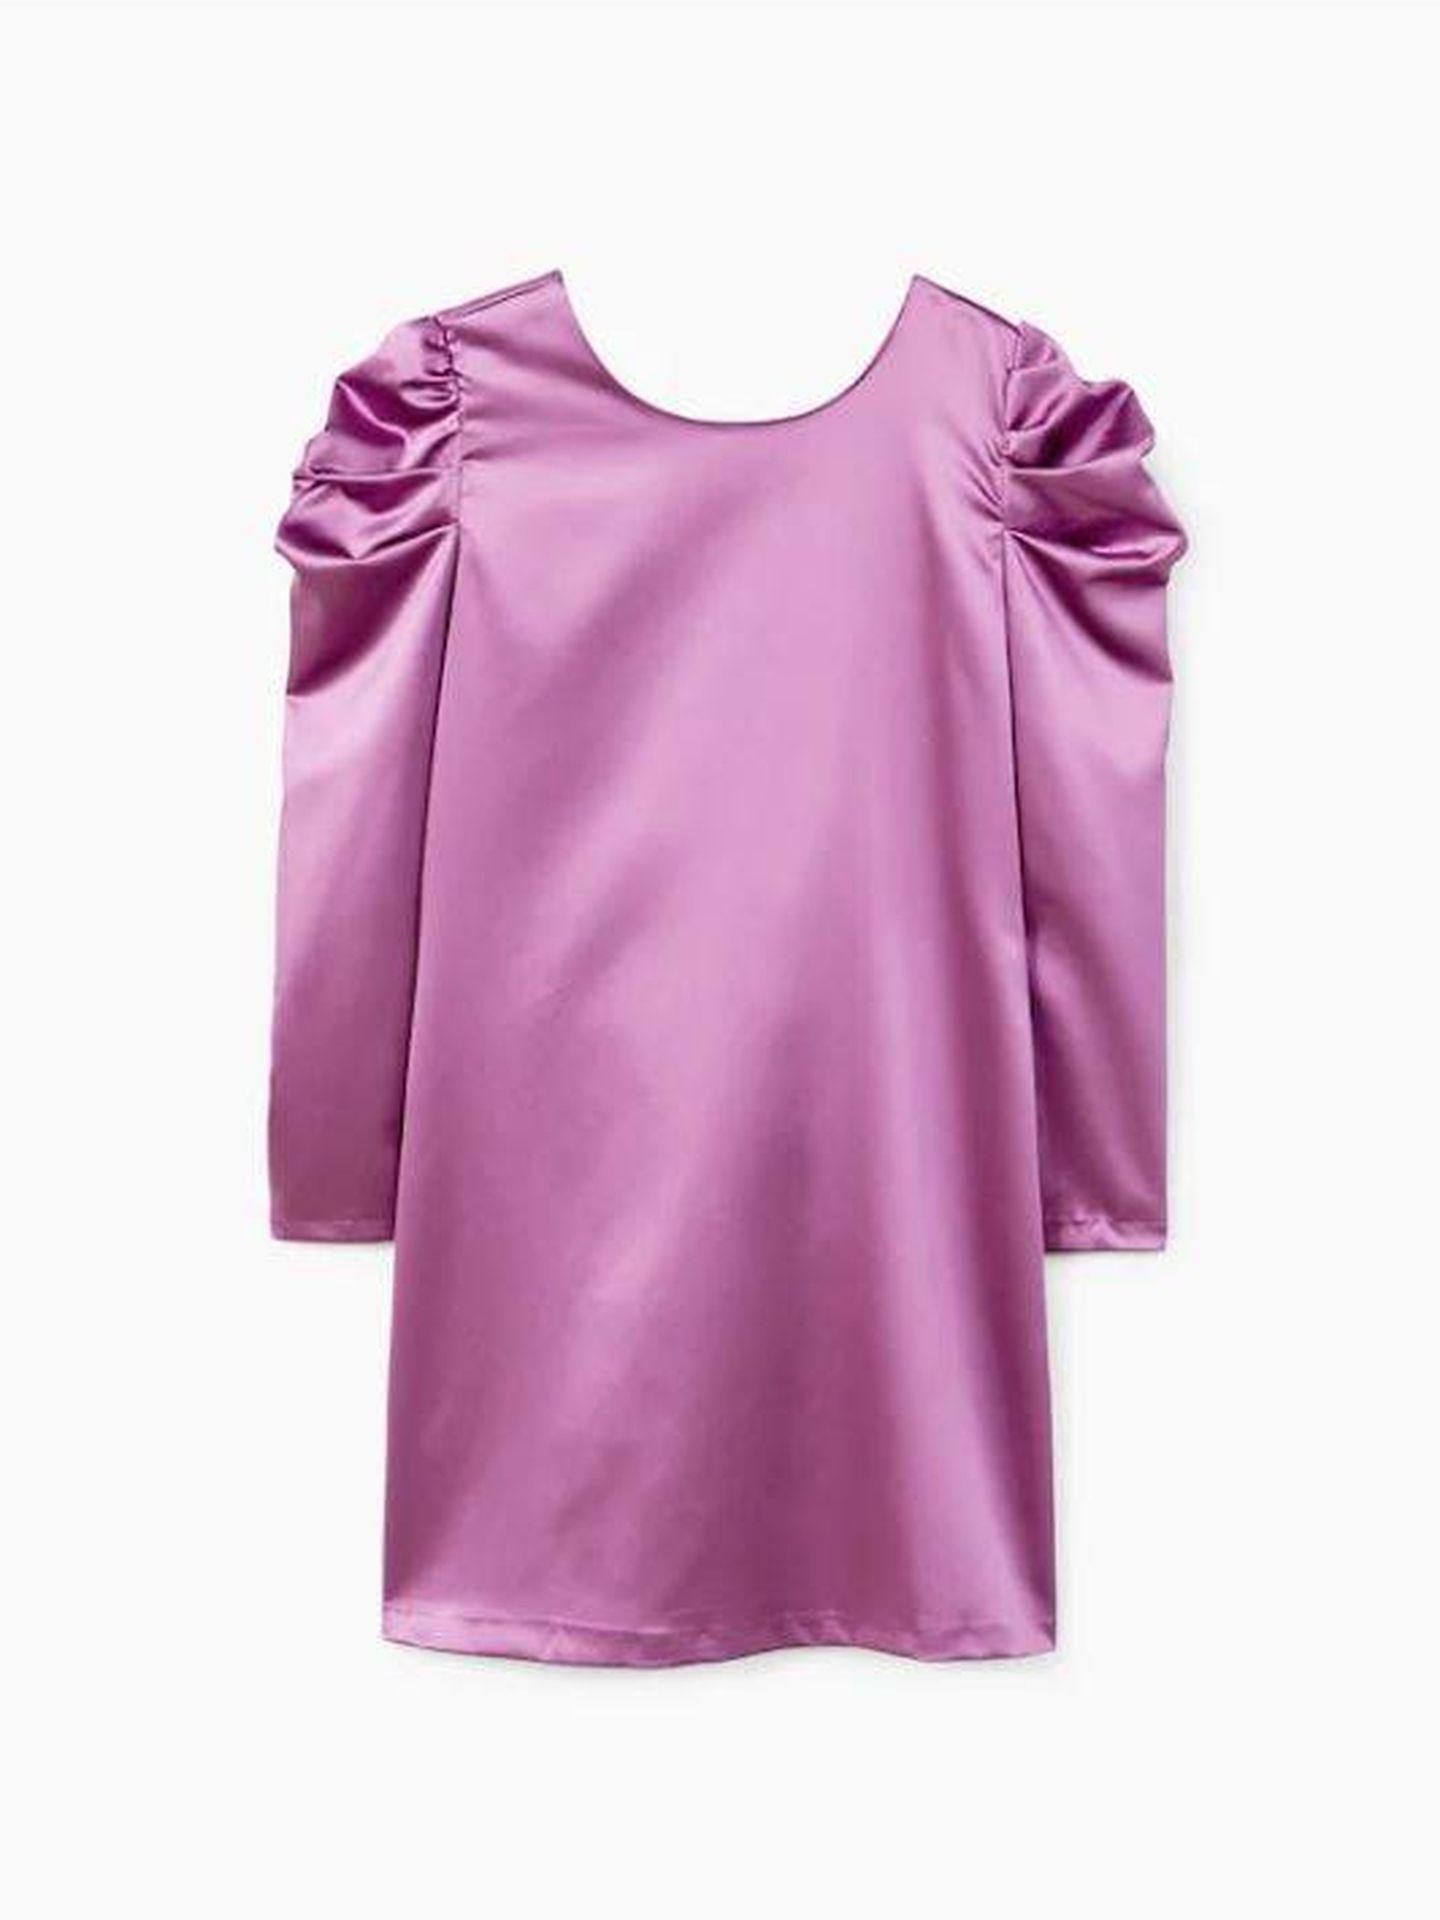 Vestido de Mango Outlet. (4,99 euros)